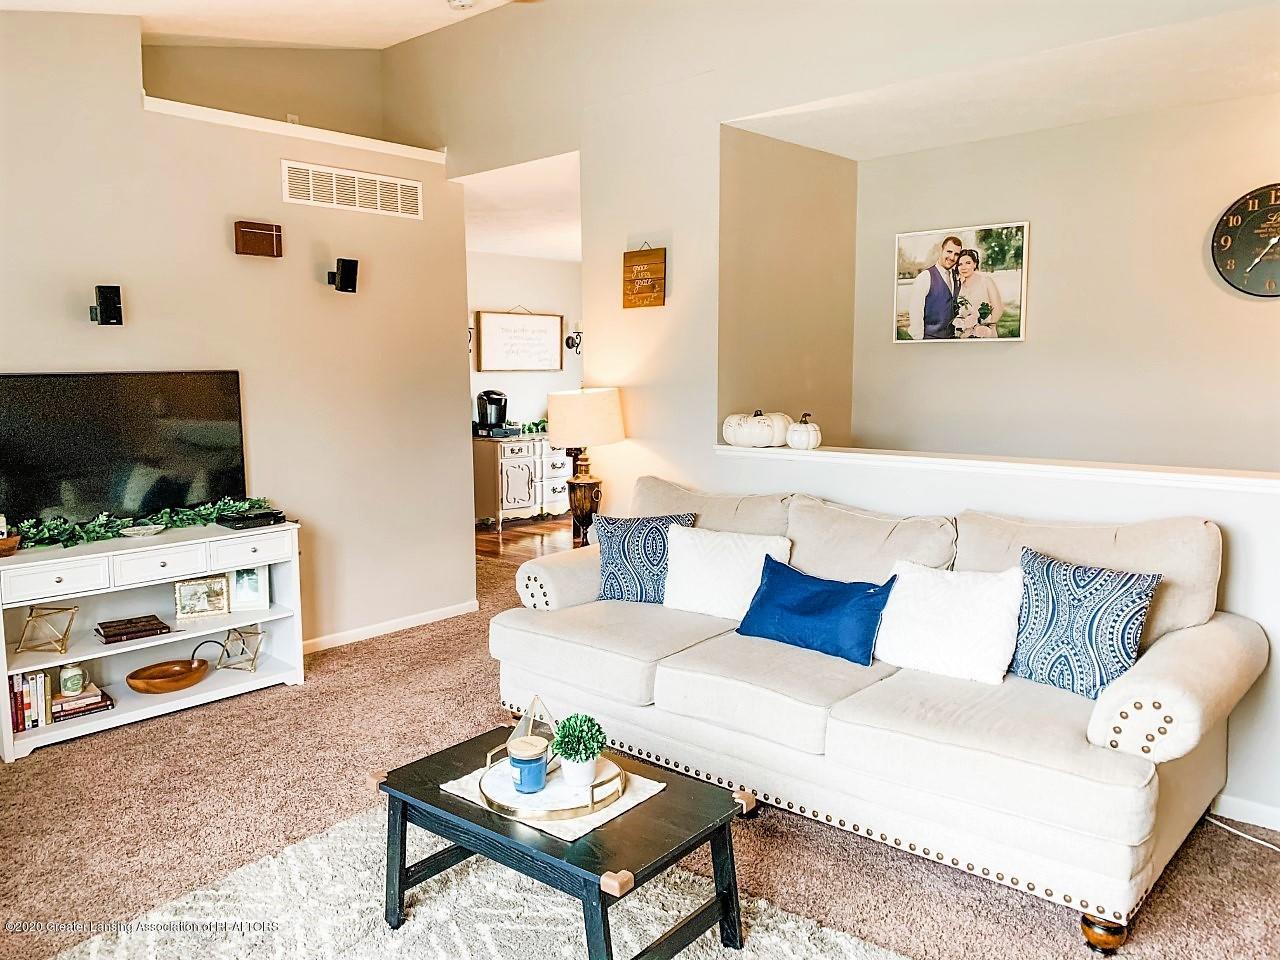 6820 Delta River Dr - Living Room w/furniture - 6